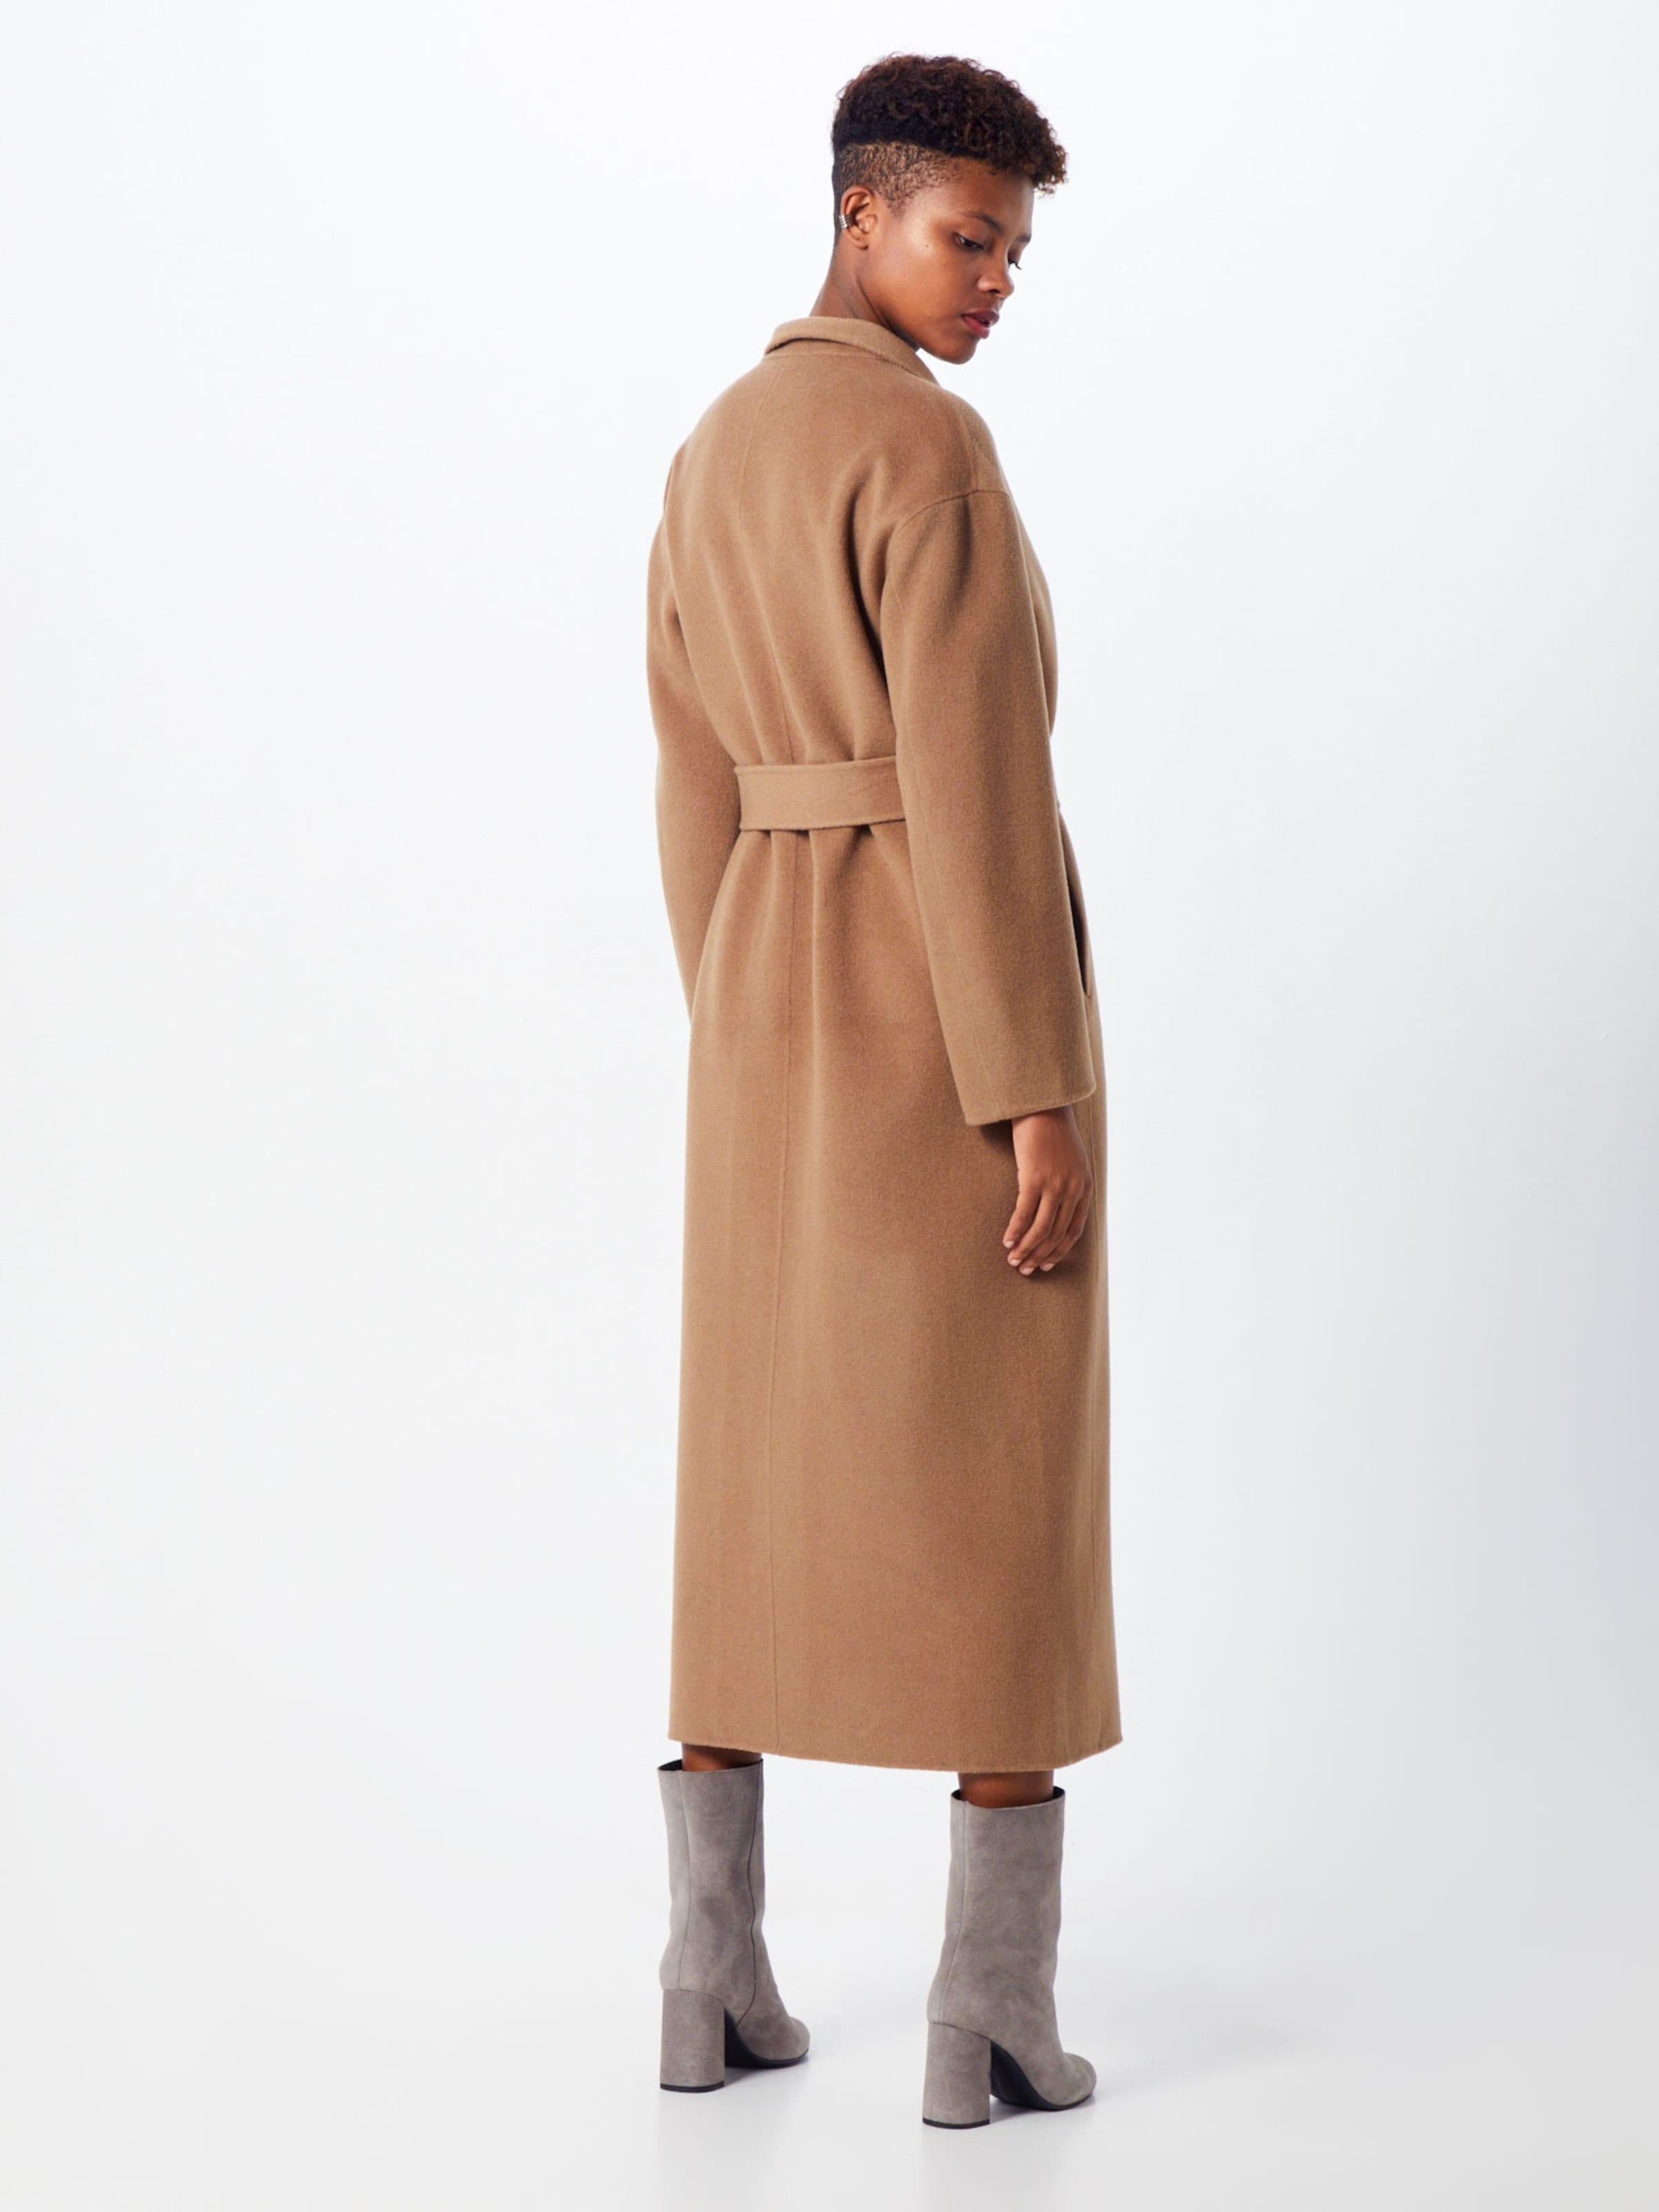 Filippa K 'alexa Mantel Coat' In Beige vfY7gyb6